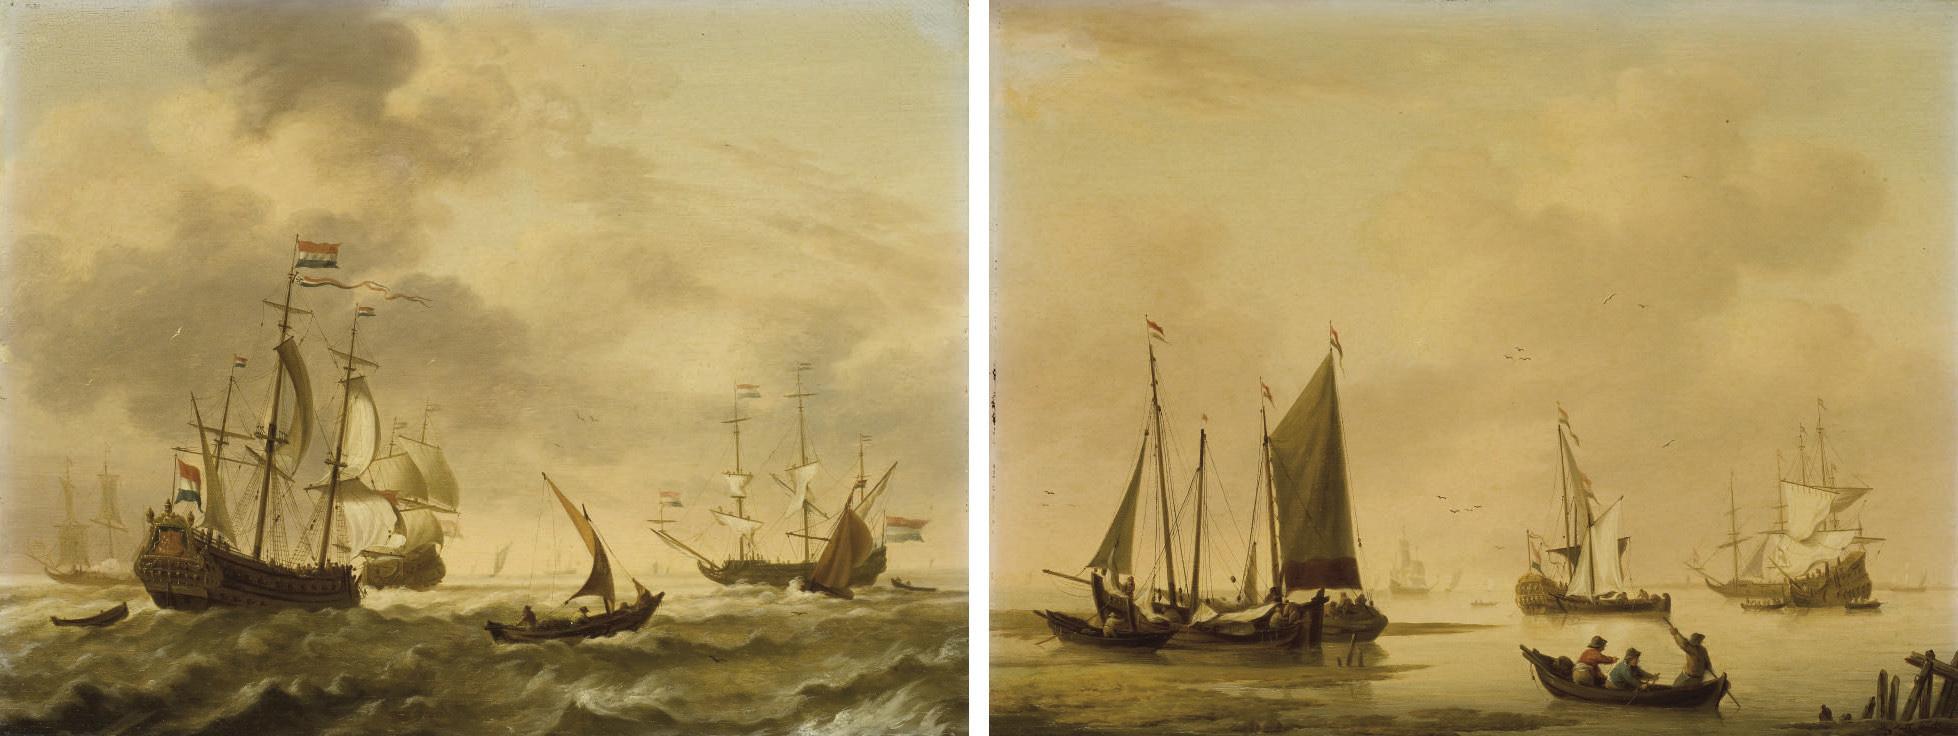 Navires et bateaux de pêche sur une mer agitée ; et Le retour de la pêche